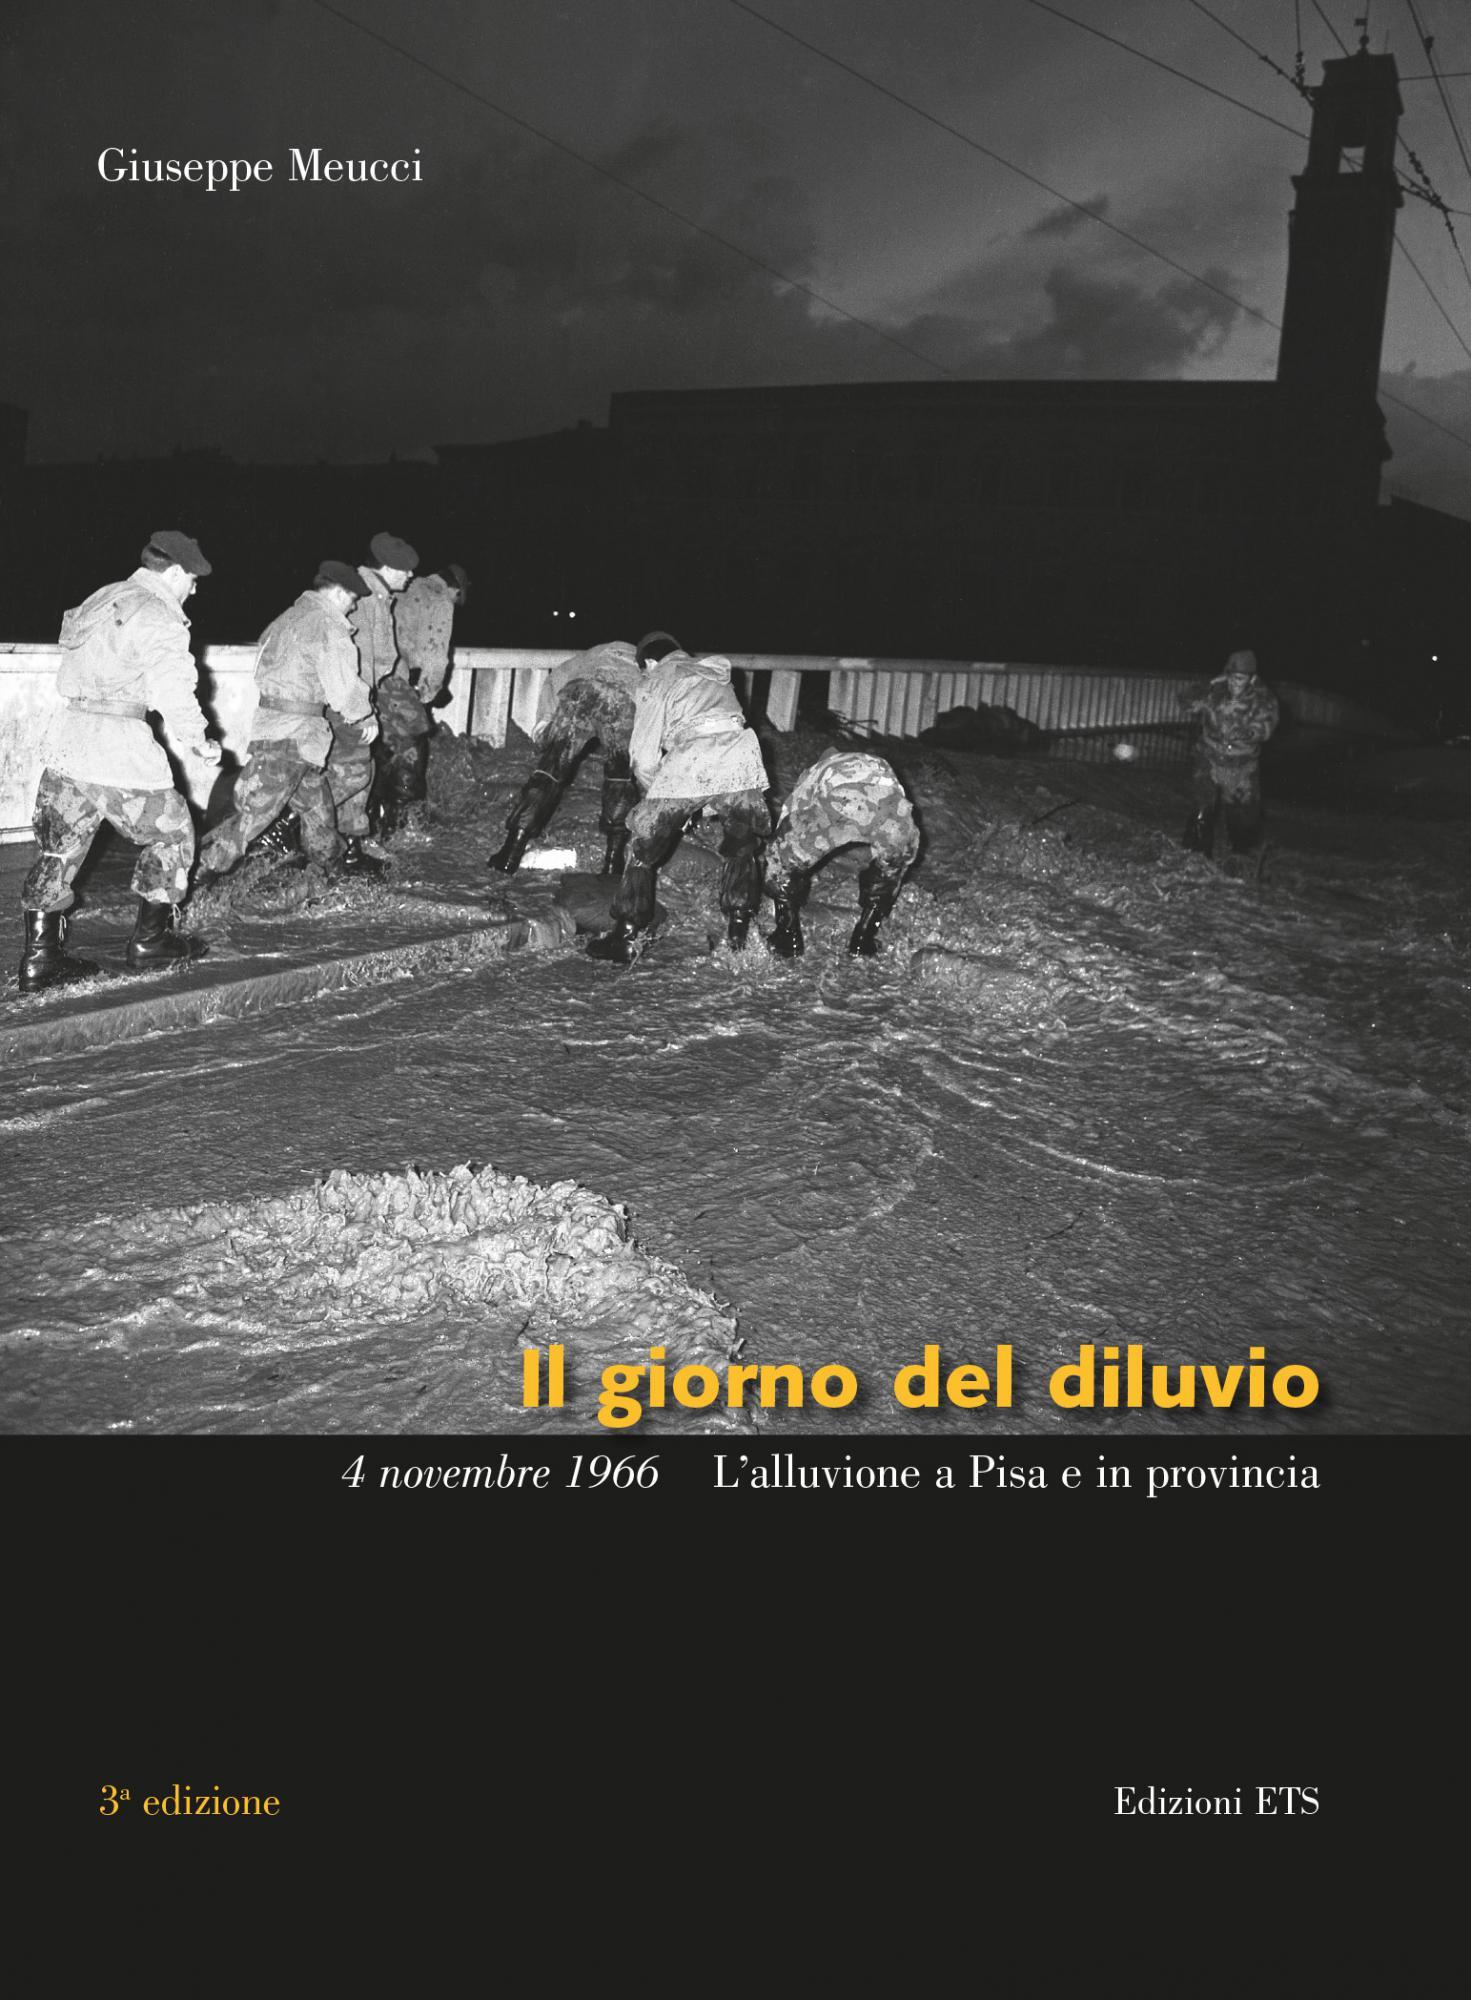 Il giorno del diluvio <br> 4 novembre 1966 <br>L'alluvione a Pisa e in provincia.Terza edizione